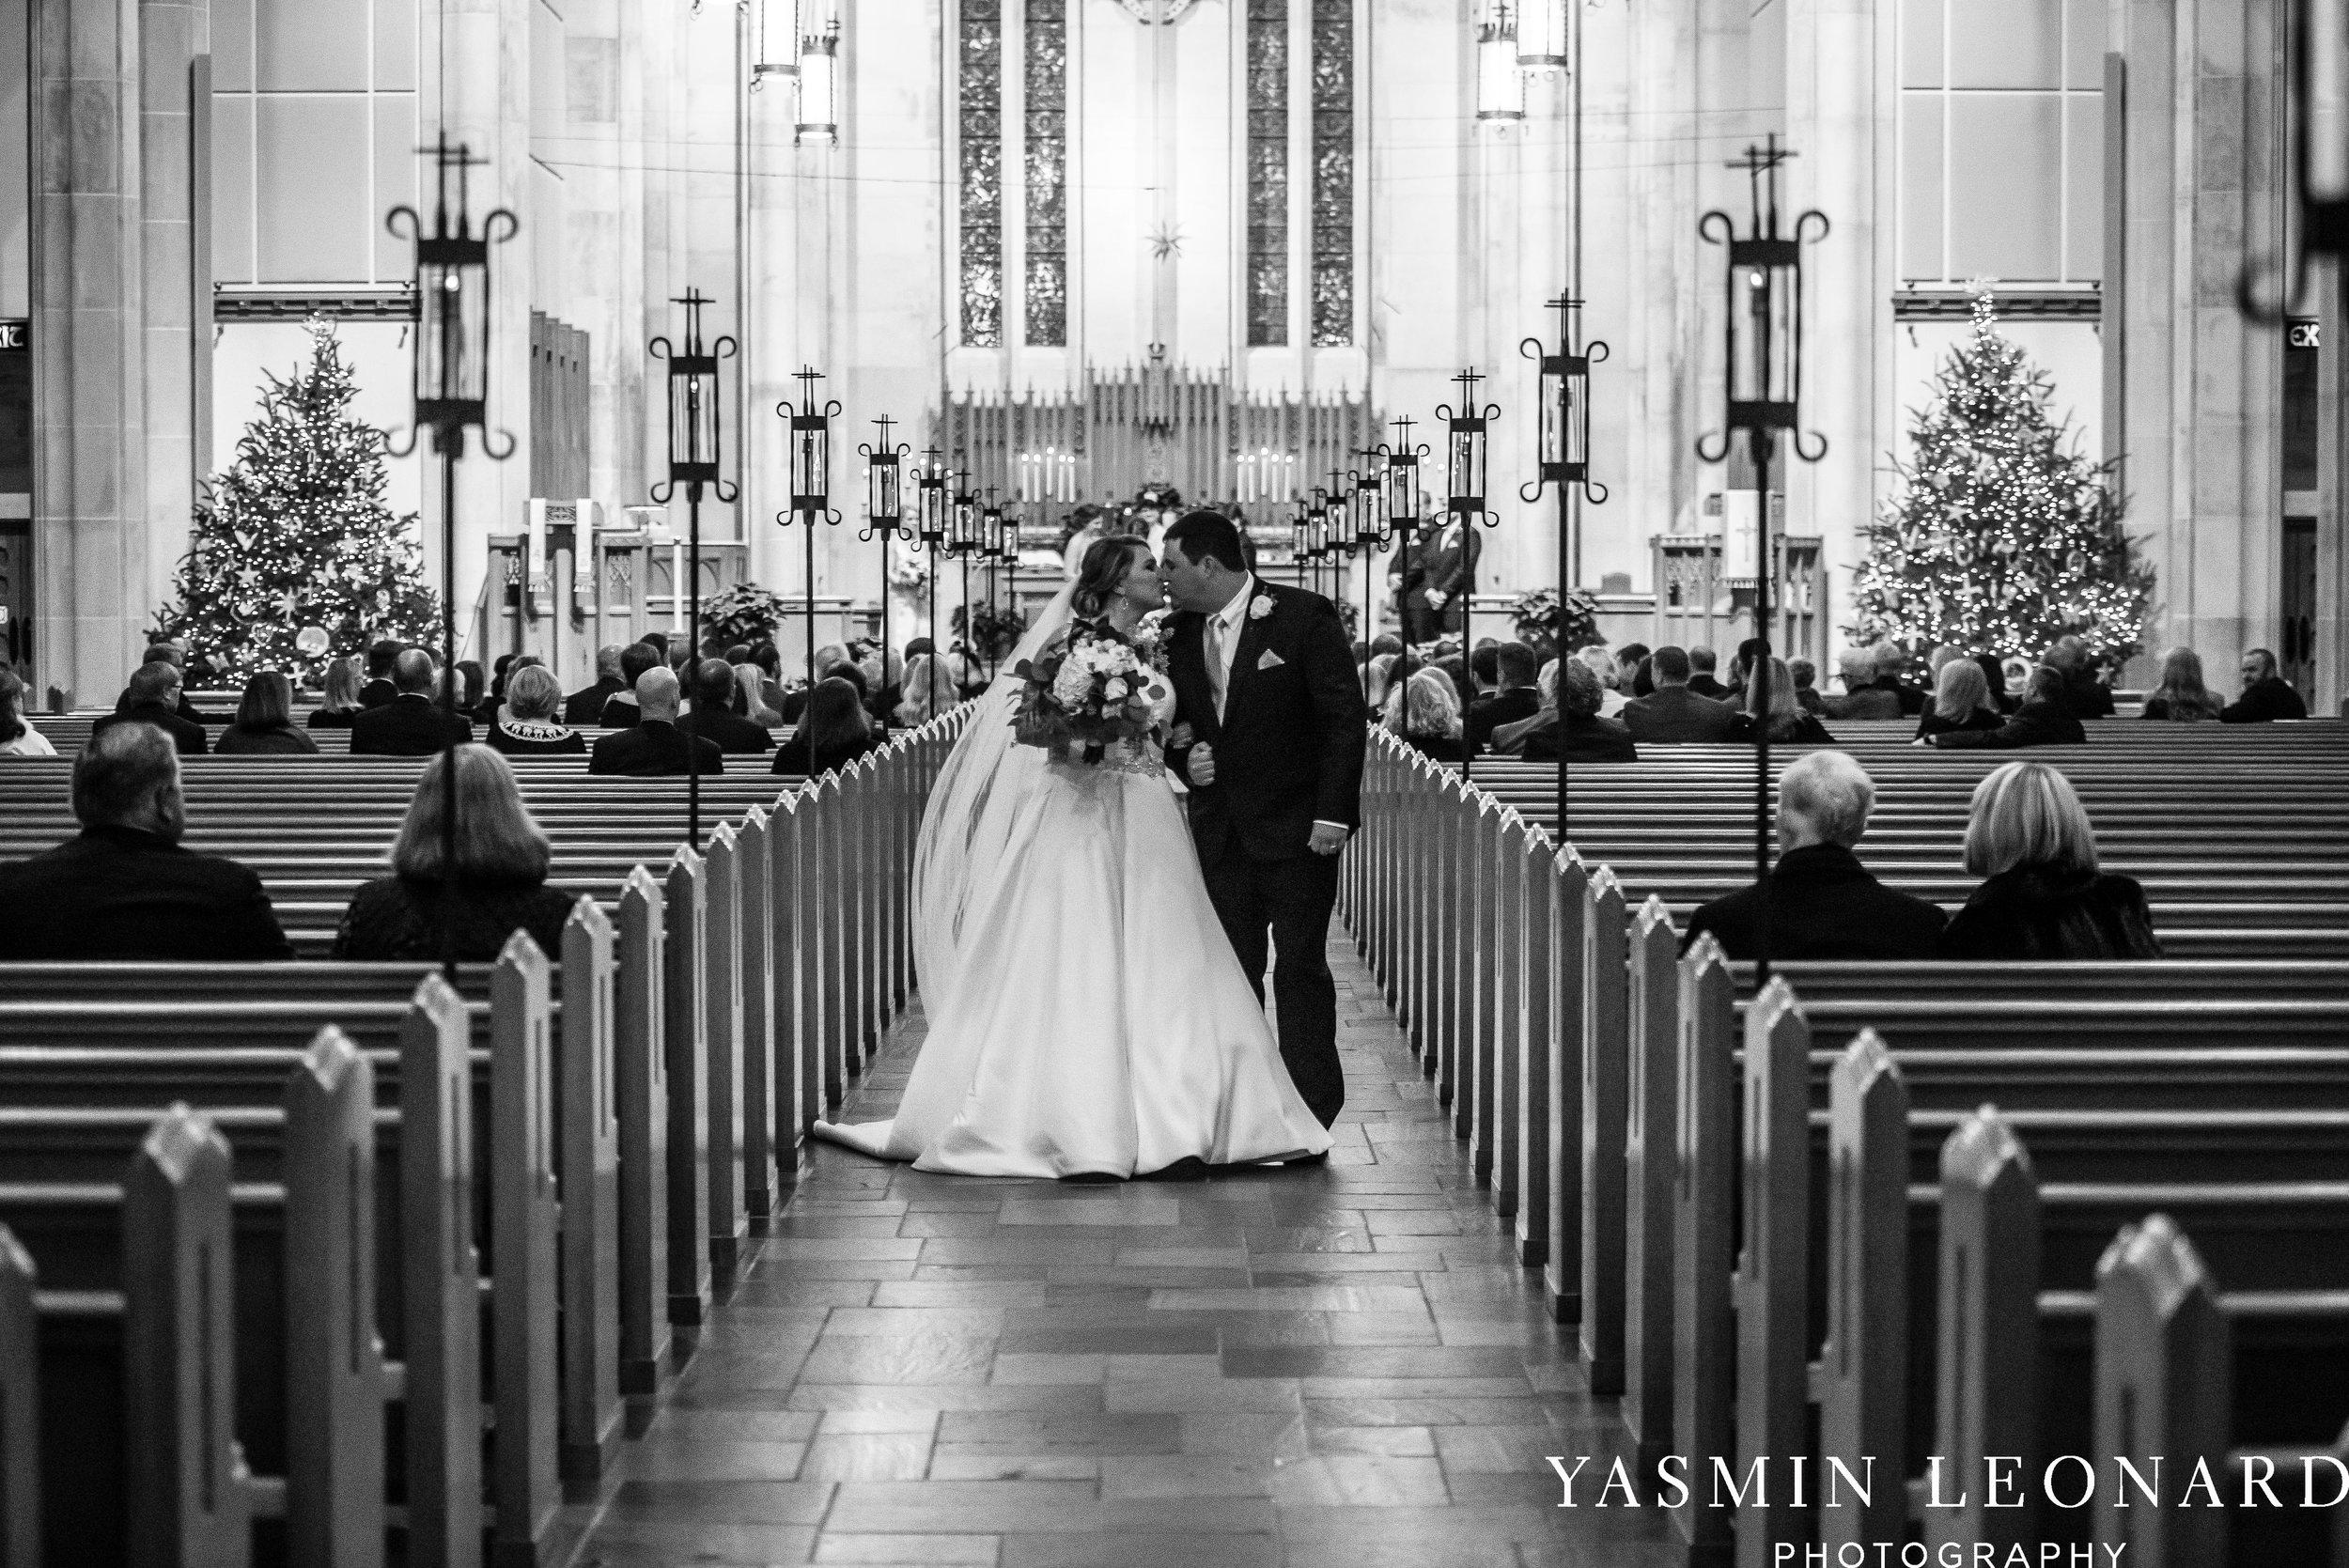 Adaumont Farm - Wesley Memorial Weddings - High Point Weddings - Just Priceless - NC Wedding Photographer - Yasmin Leonard Photography - High Point Wedding Vendors-38.jpg